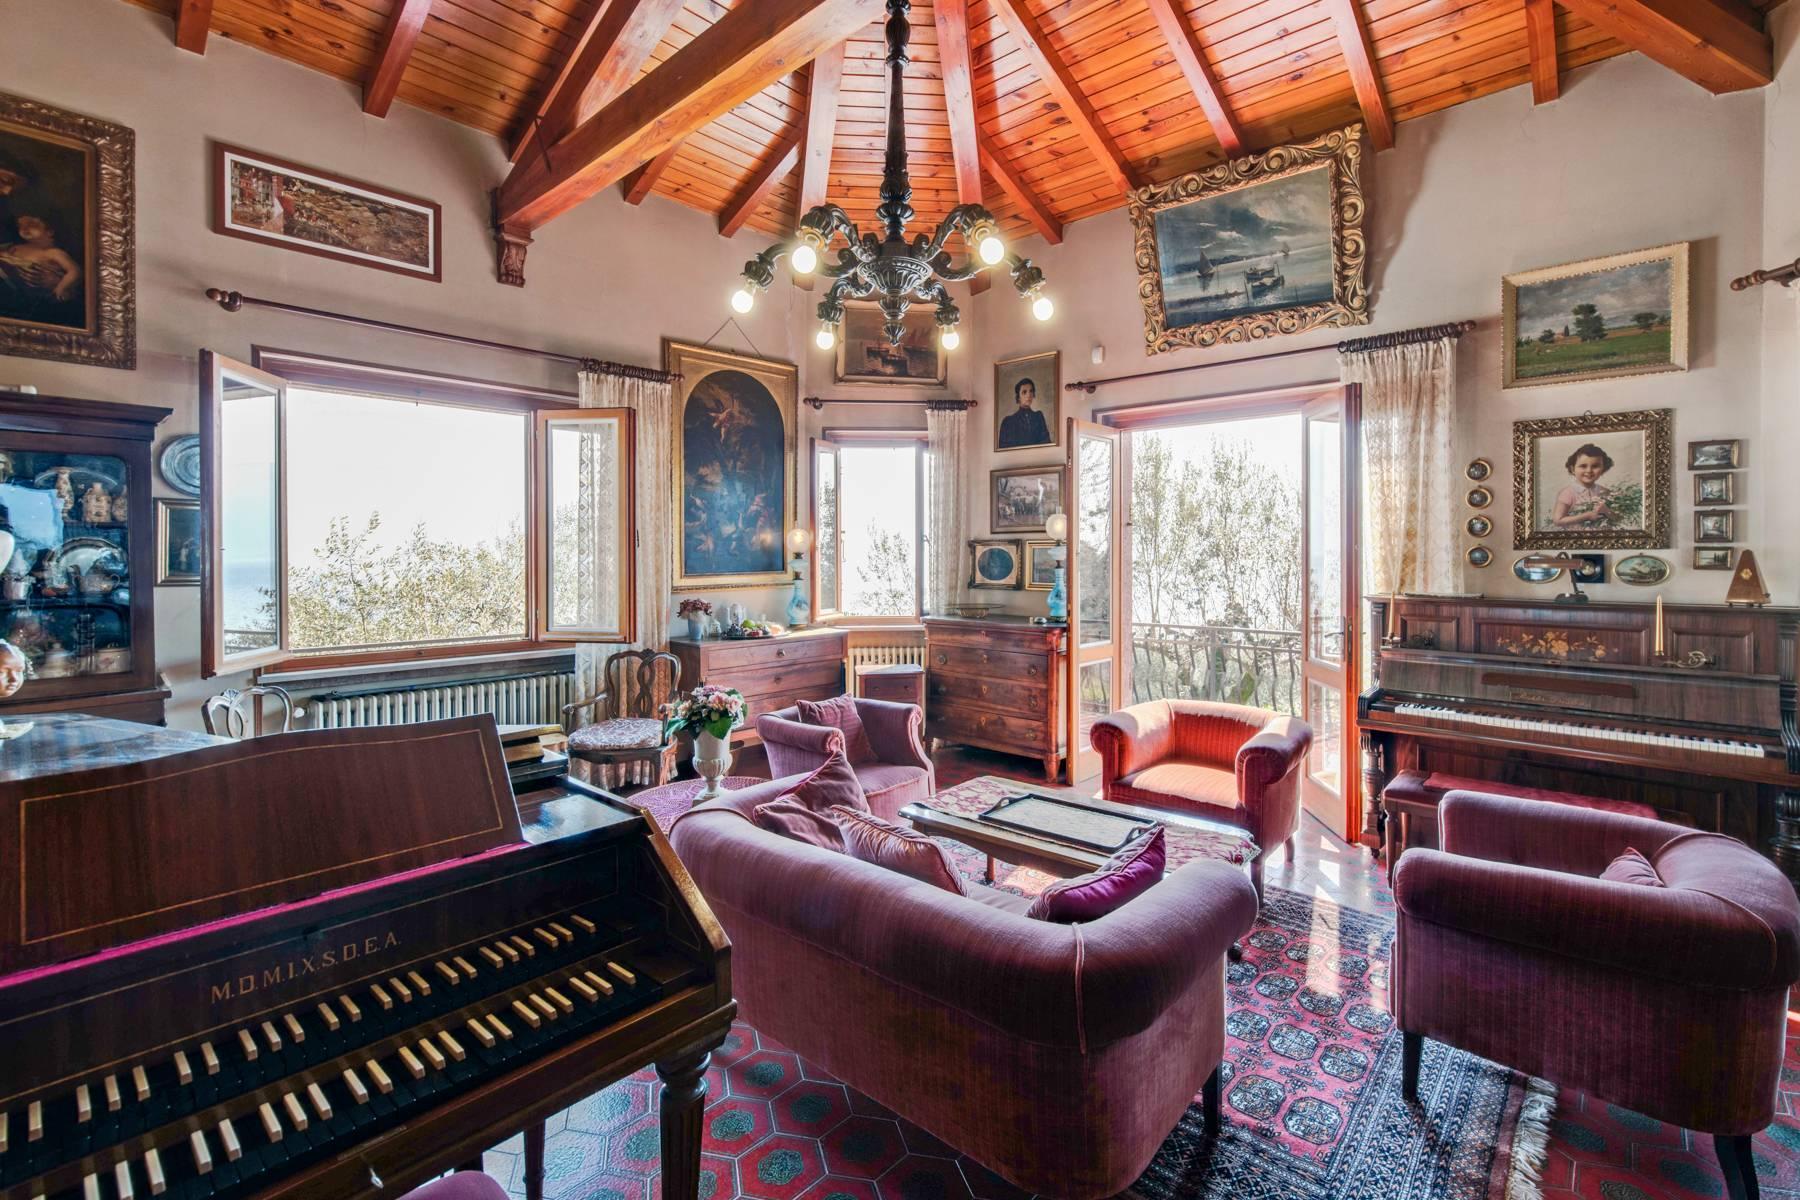 Villa in Gargnano inmitten der Olivenbäume vom Gardasee mit herrlichem Seeblick - 16